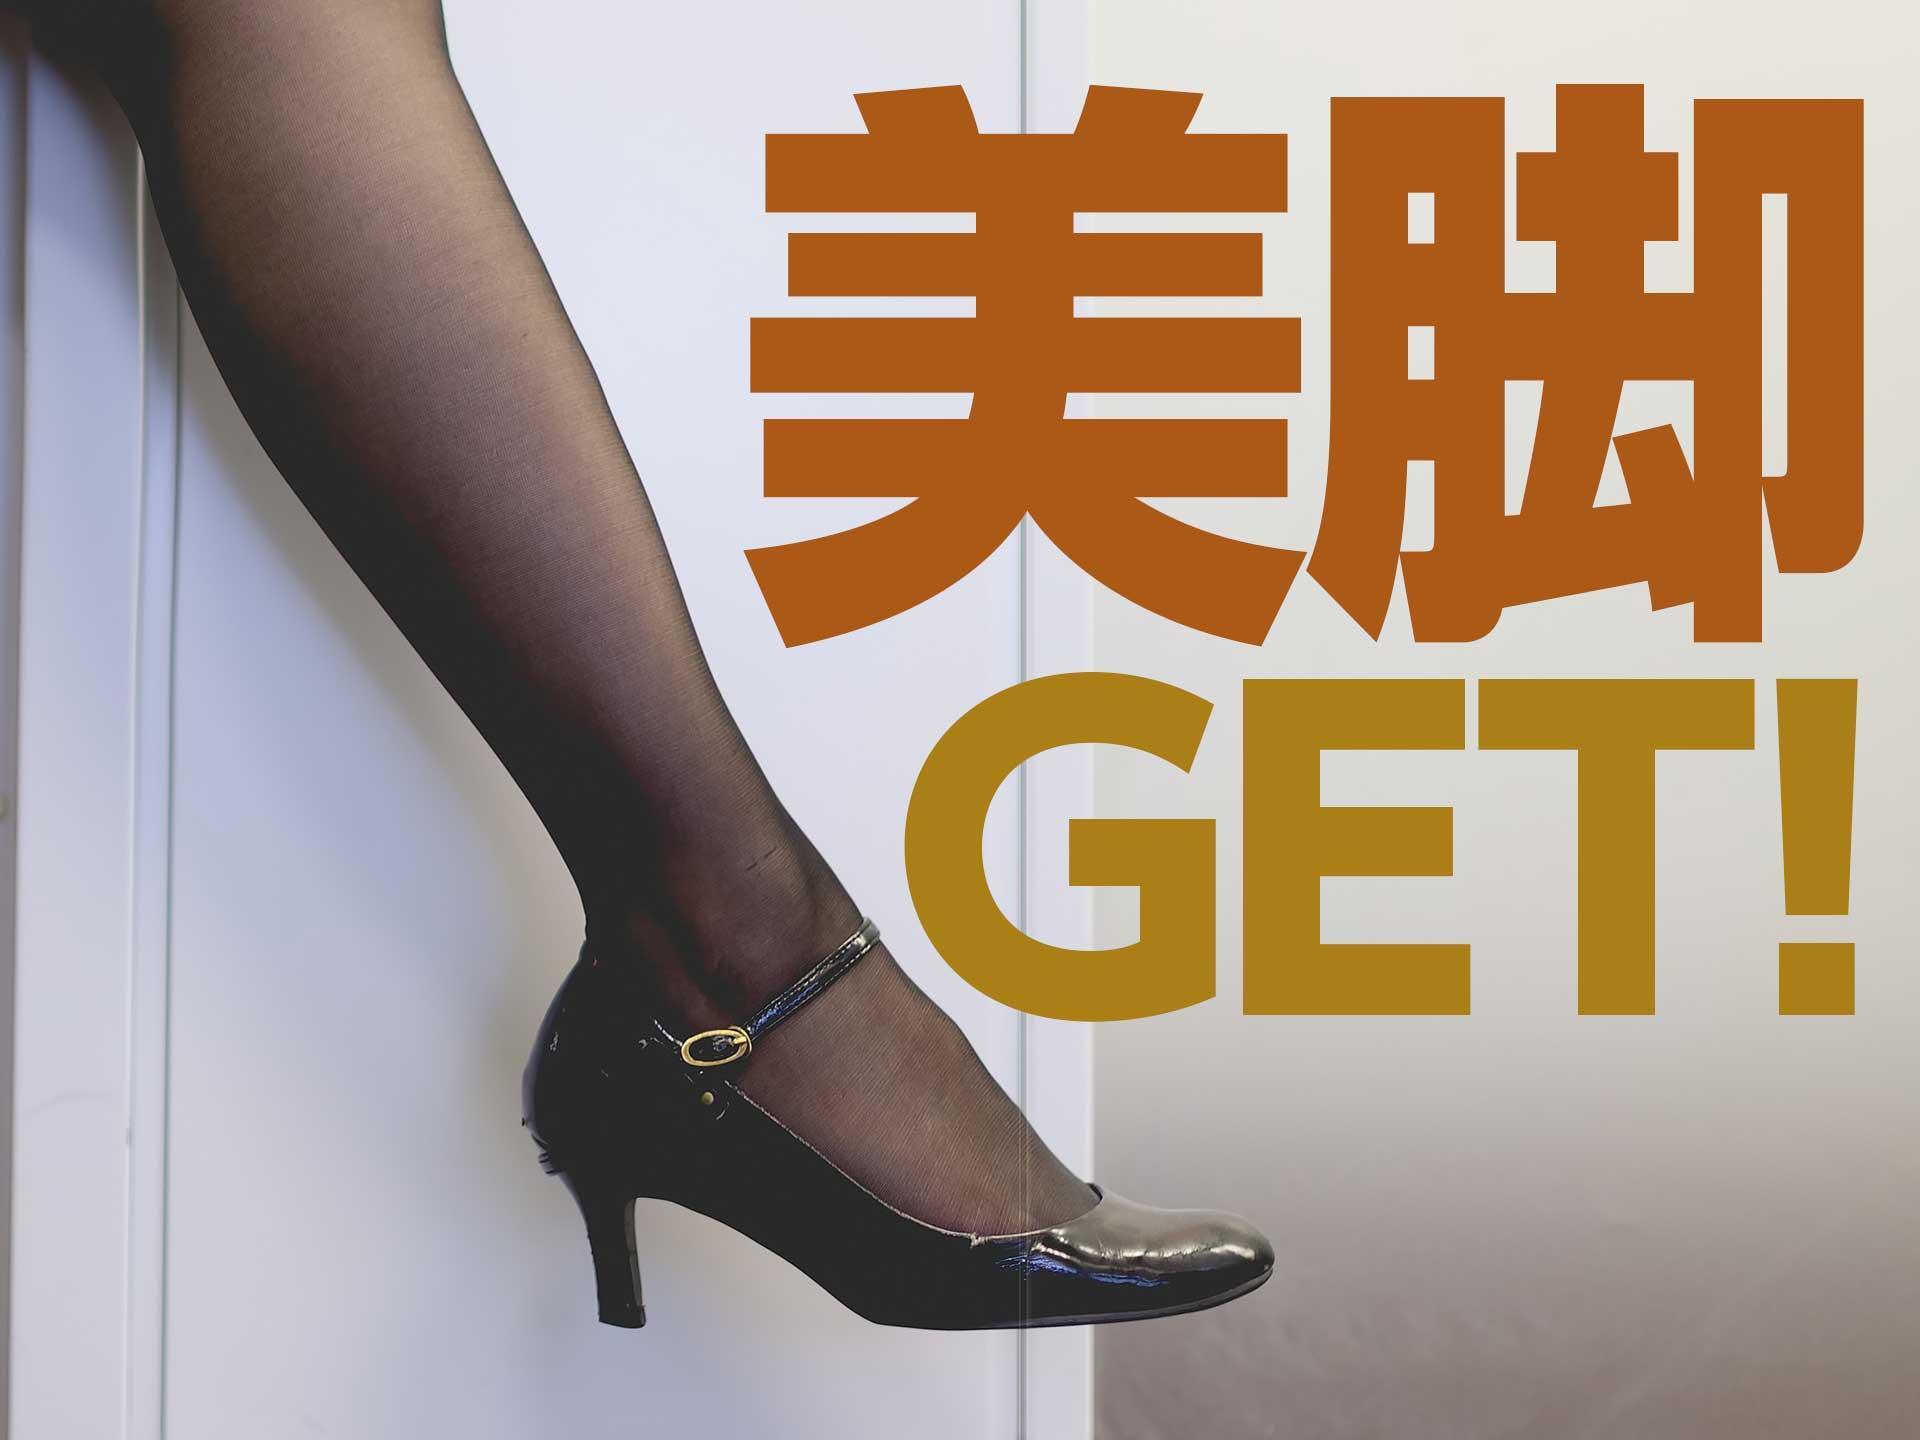 自分でできる!美脚マッサージで美しい足を手に入れる|町田deマッサージ!